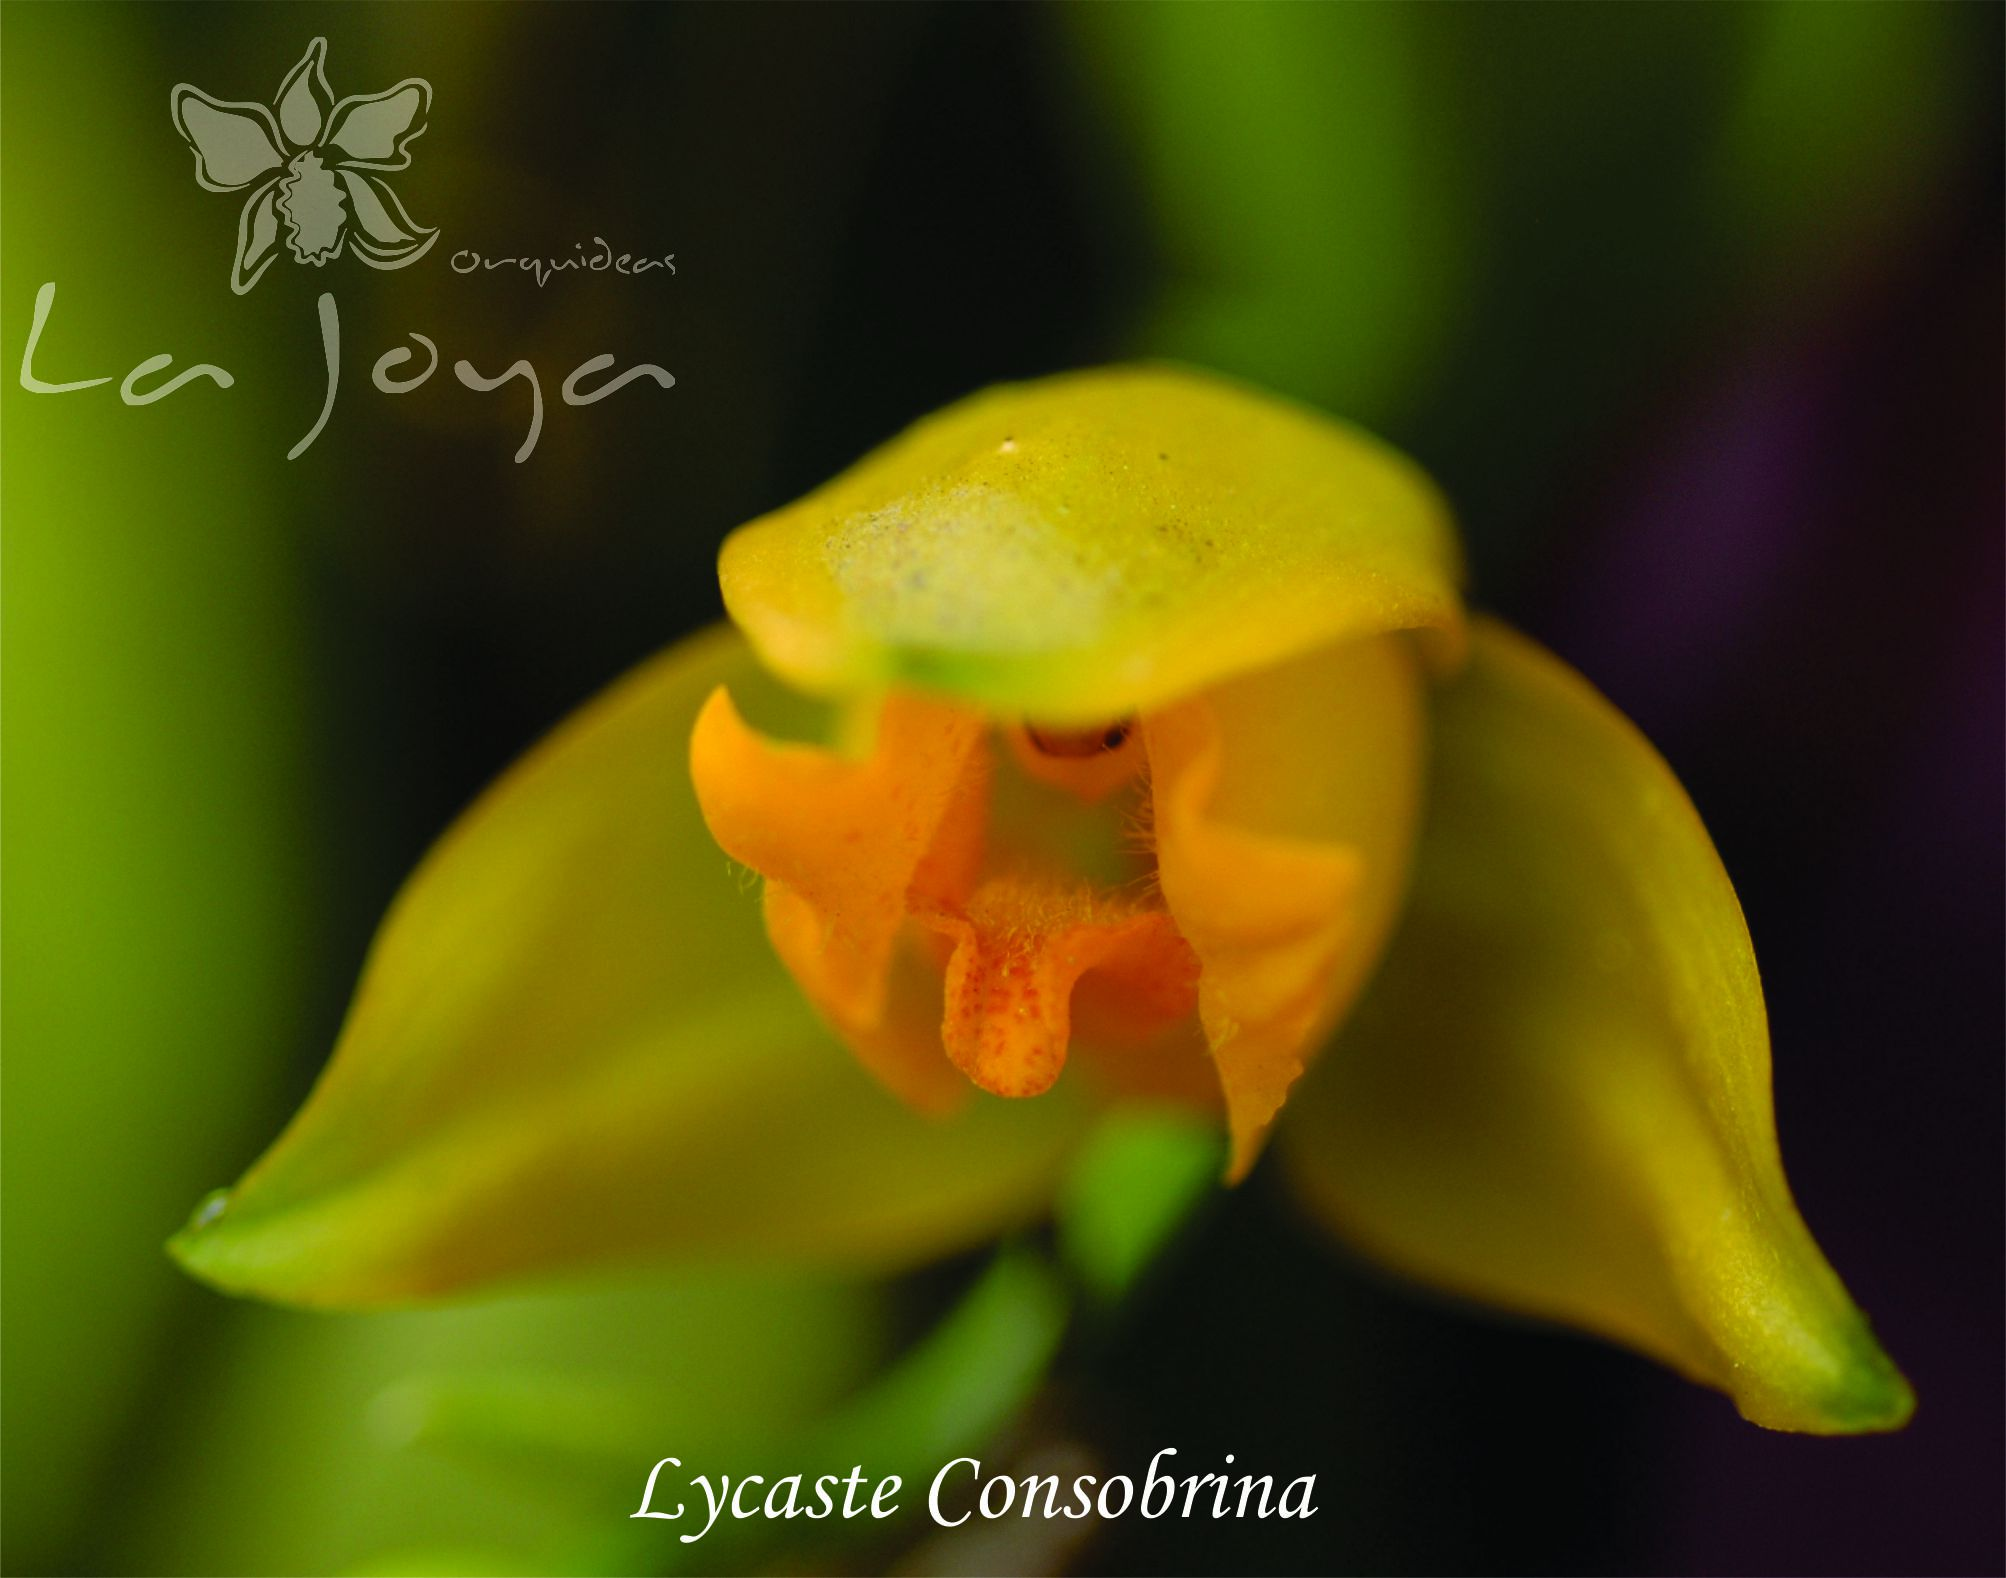 Lycaste Consobrina